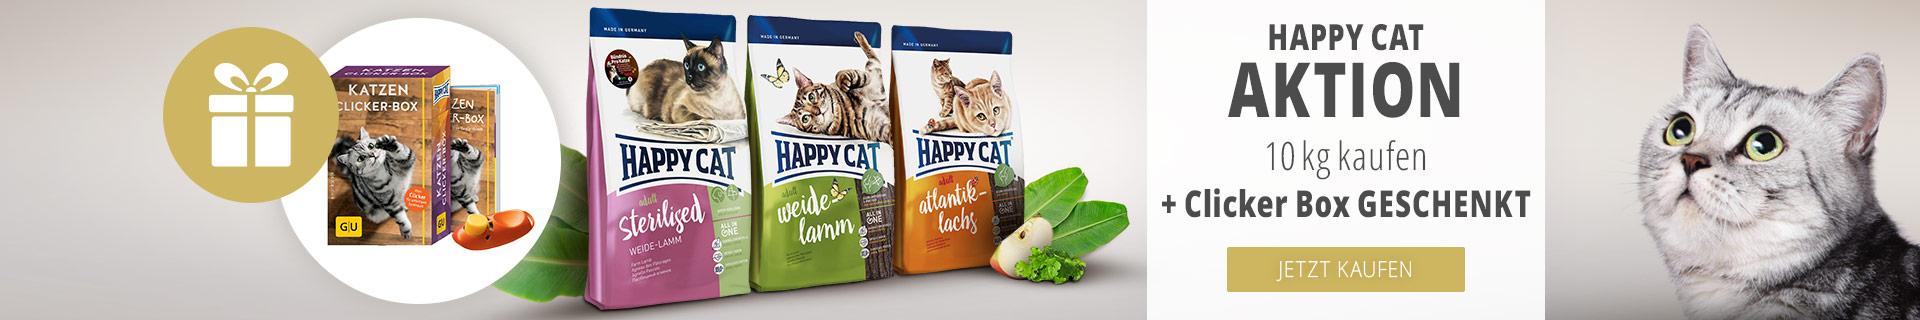 10kg Happy Cat Supreme + Clicker Box geschenkt